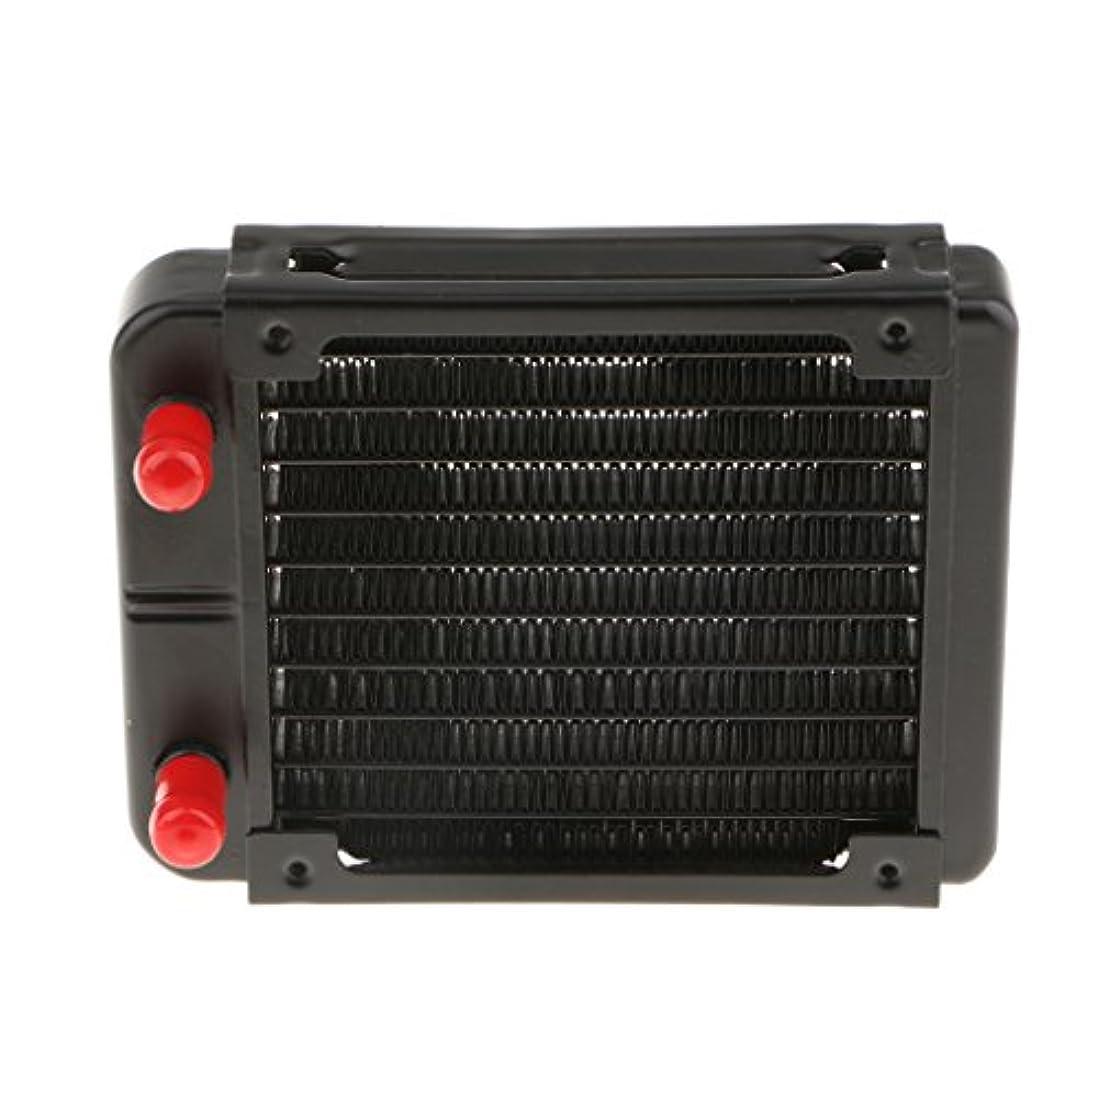 飛行機反発シュガーアルミ コンピュータ CPU 10パイプ 水冷却 ラジエーター システム 120ミリメートル 交換性 多機能 便利性 実用